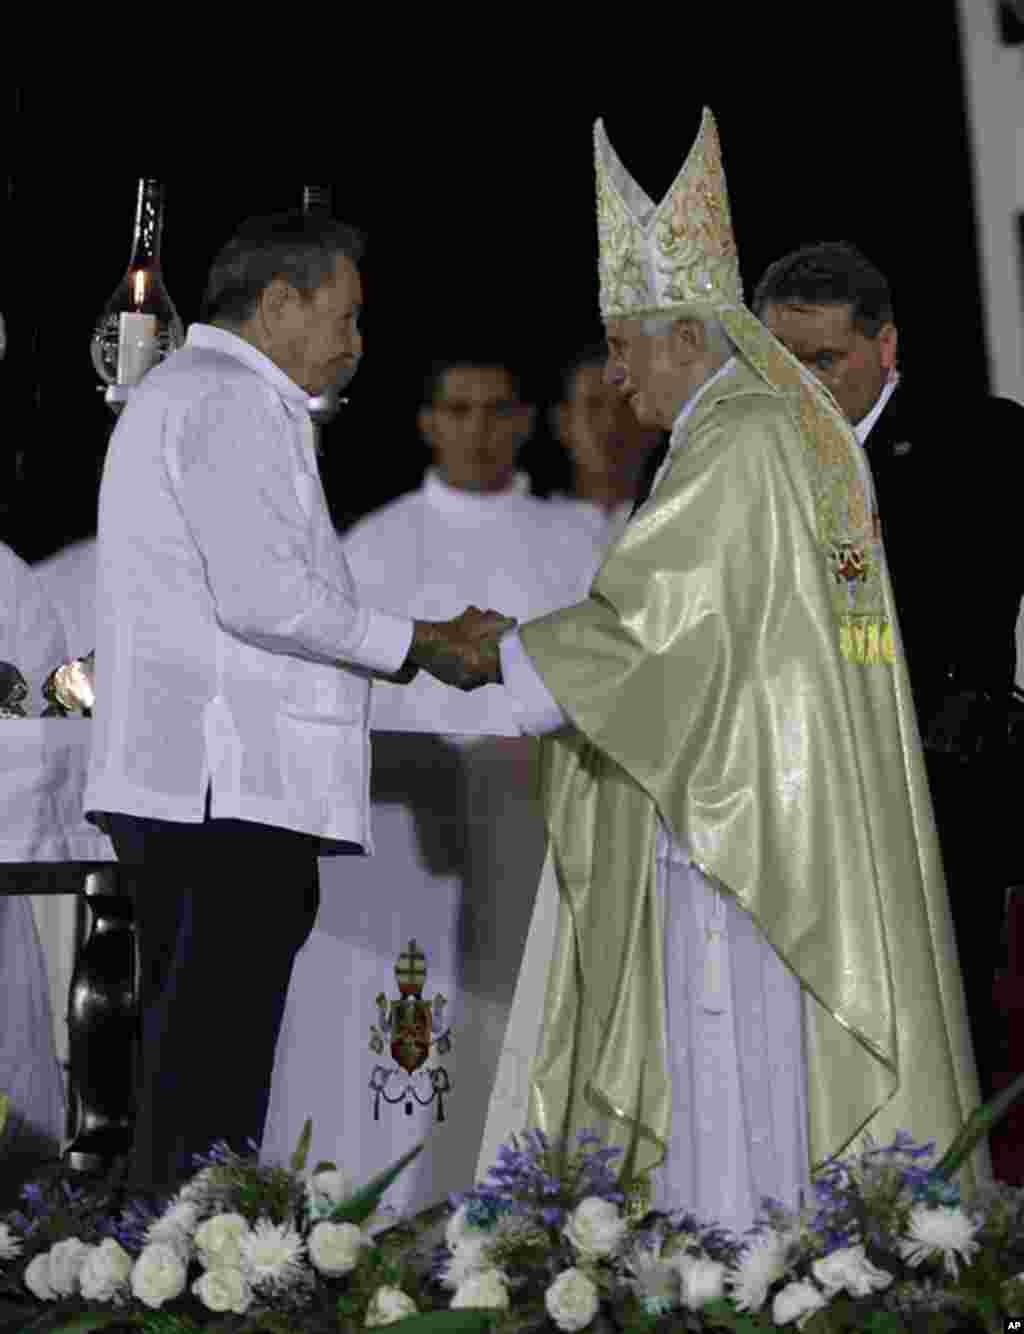 Chủ tịch Cuba Raul Castro chào đón Đức Giáo Hoàng sau Thánh lễ ở Quảng trường Cách mạng tại Santiago de Cuba, ngày 26 tháng 3 năm 2012. (AP)